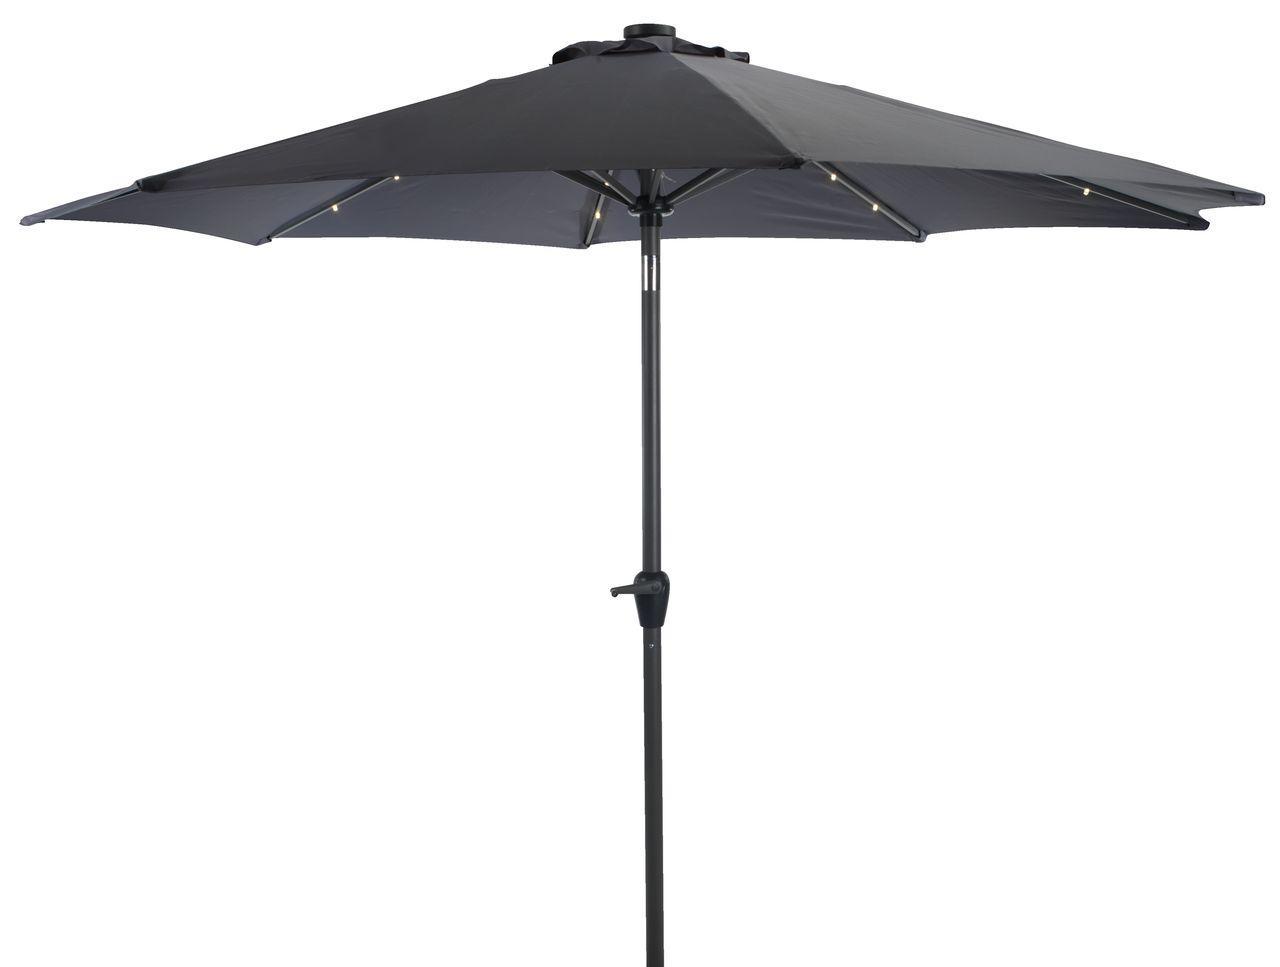 Зонт пляжный и садовый от солнца 300см серый с подстветкой с углом наклона